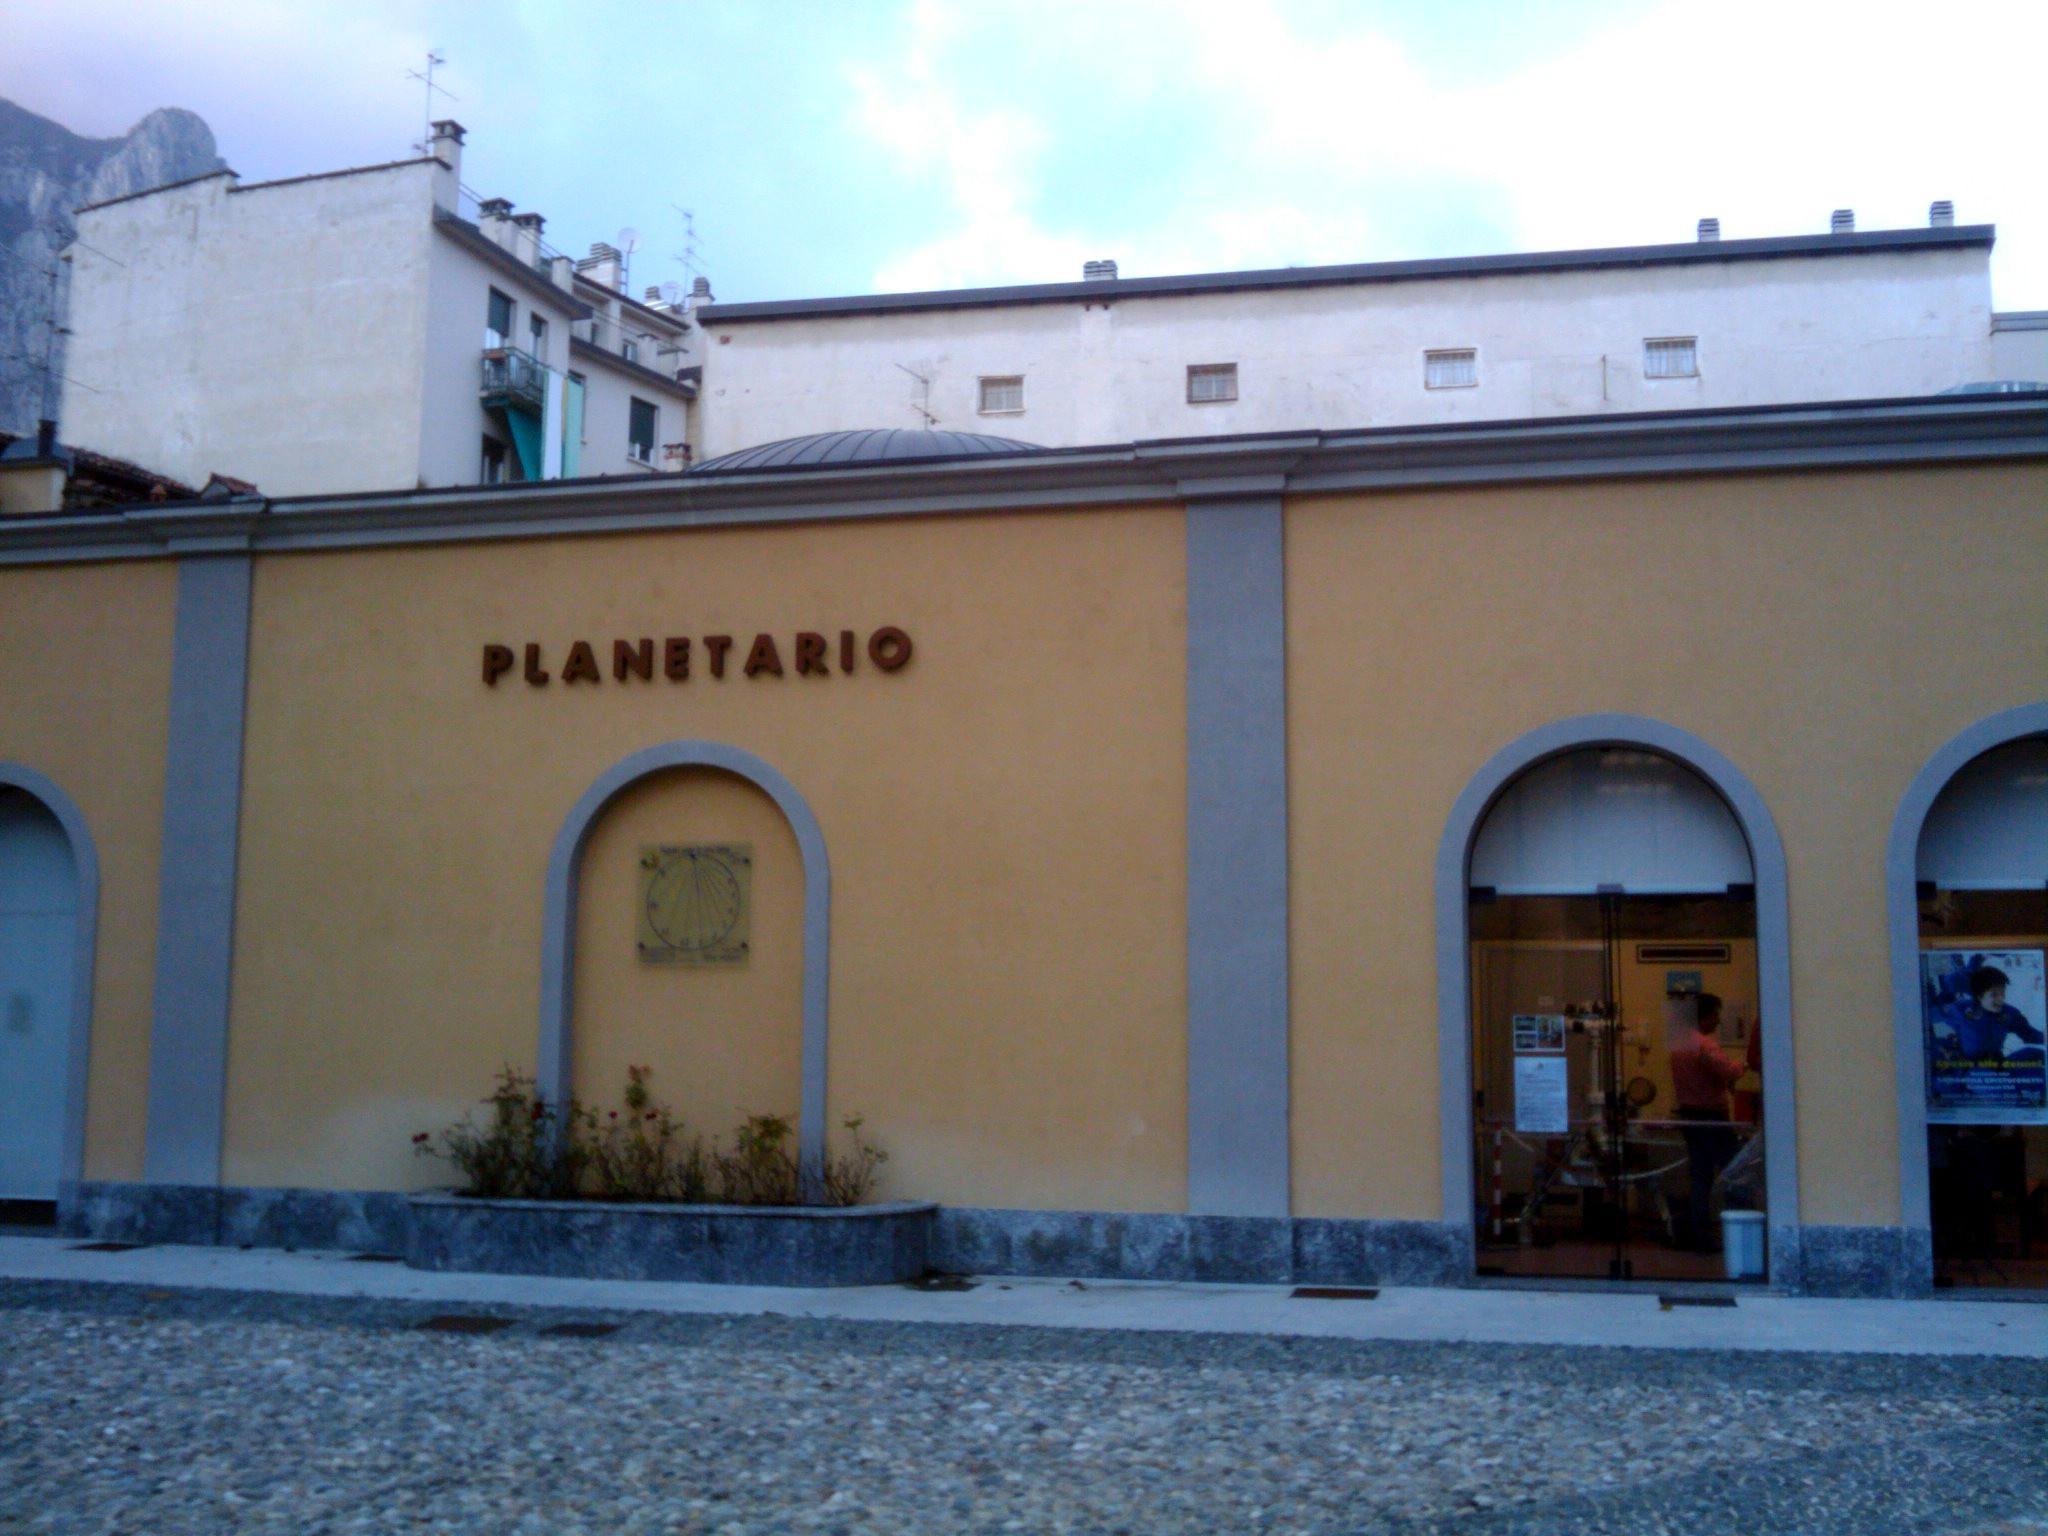 Il Planetario di Lecco. Credit: Paolo Amoroso